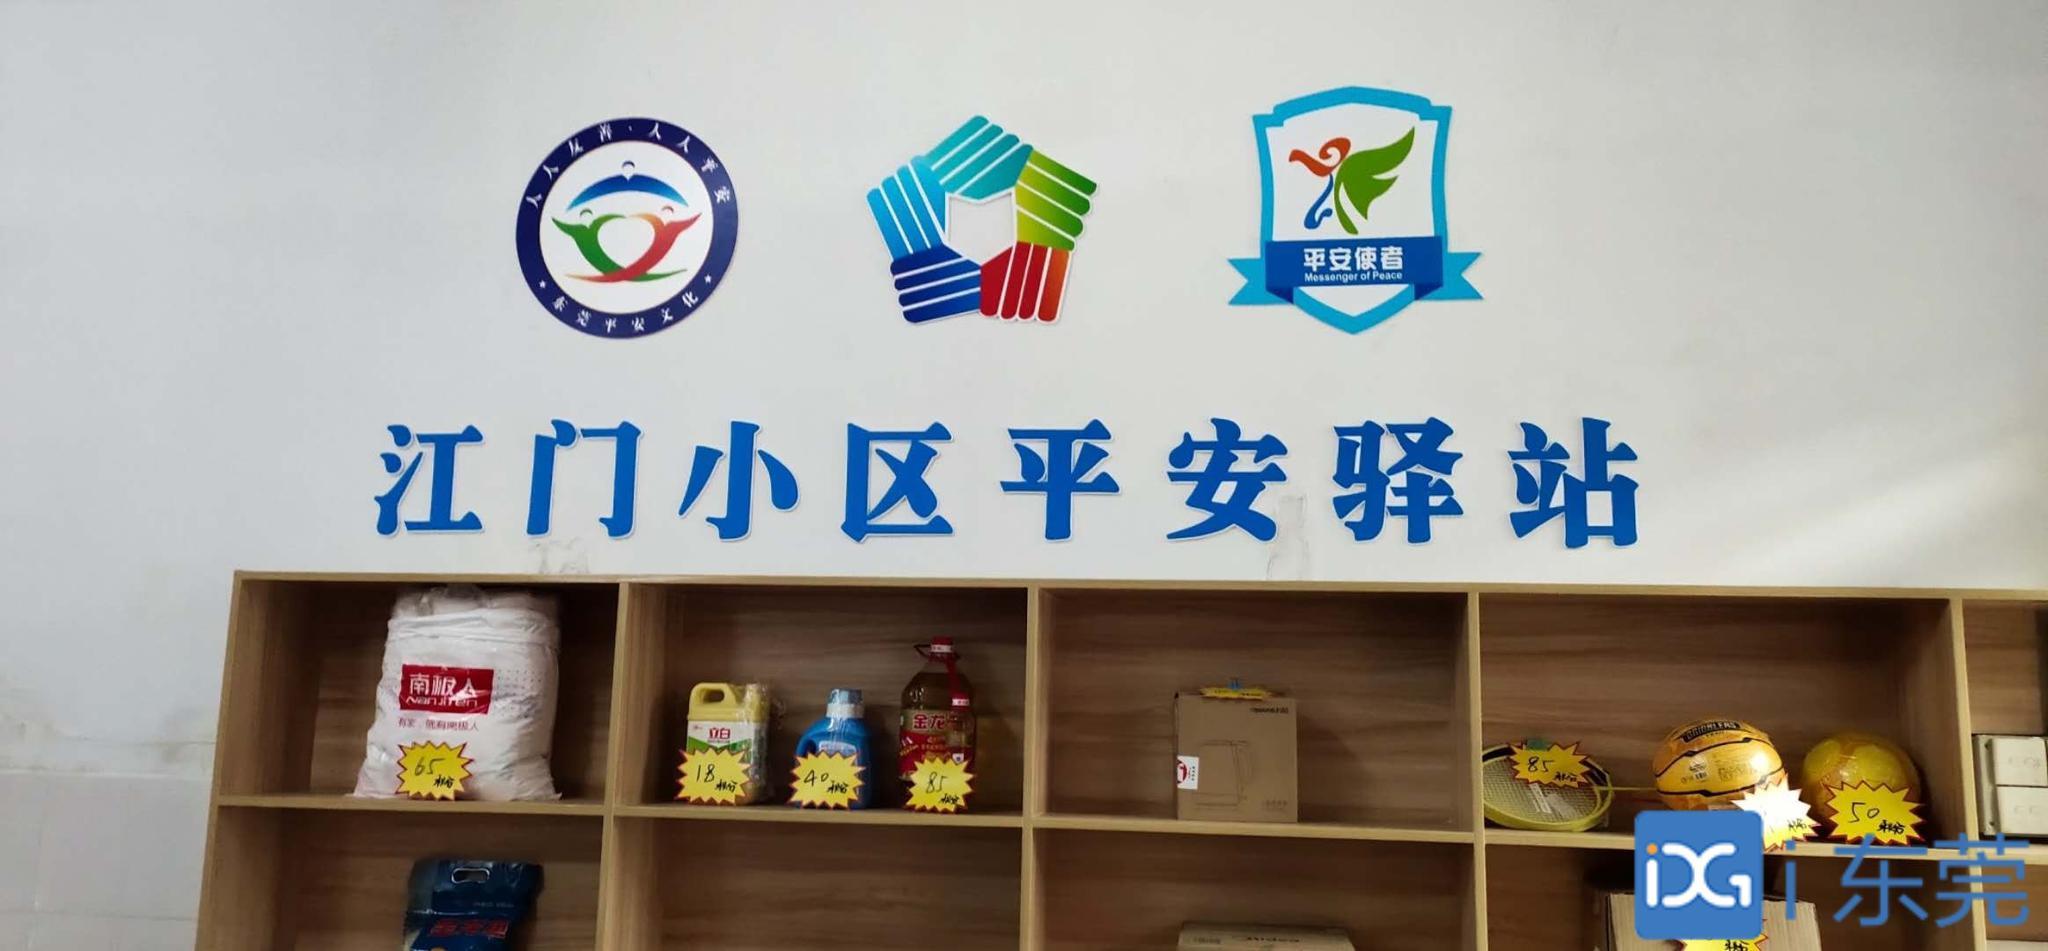 """东莞市市域社会治理现代化观察团:创新一线探寻社会治理的""""东莞密码""""图片"""